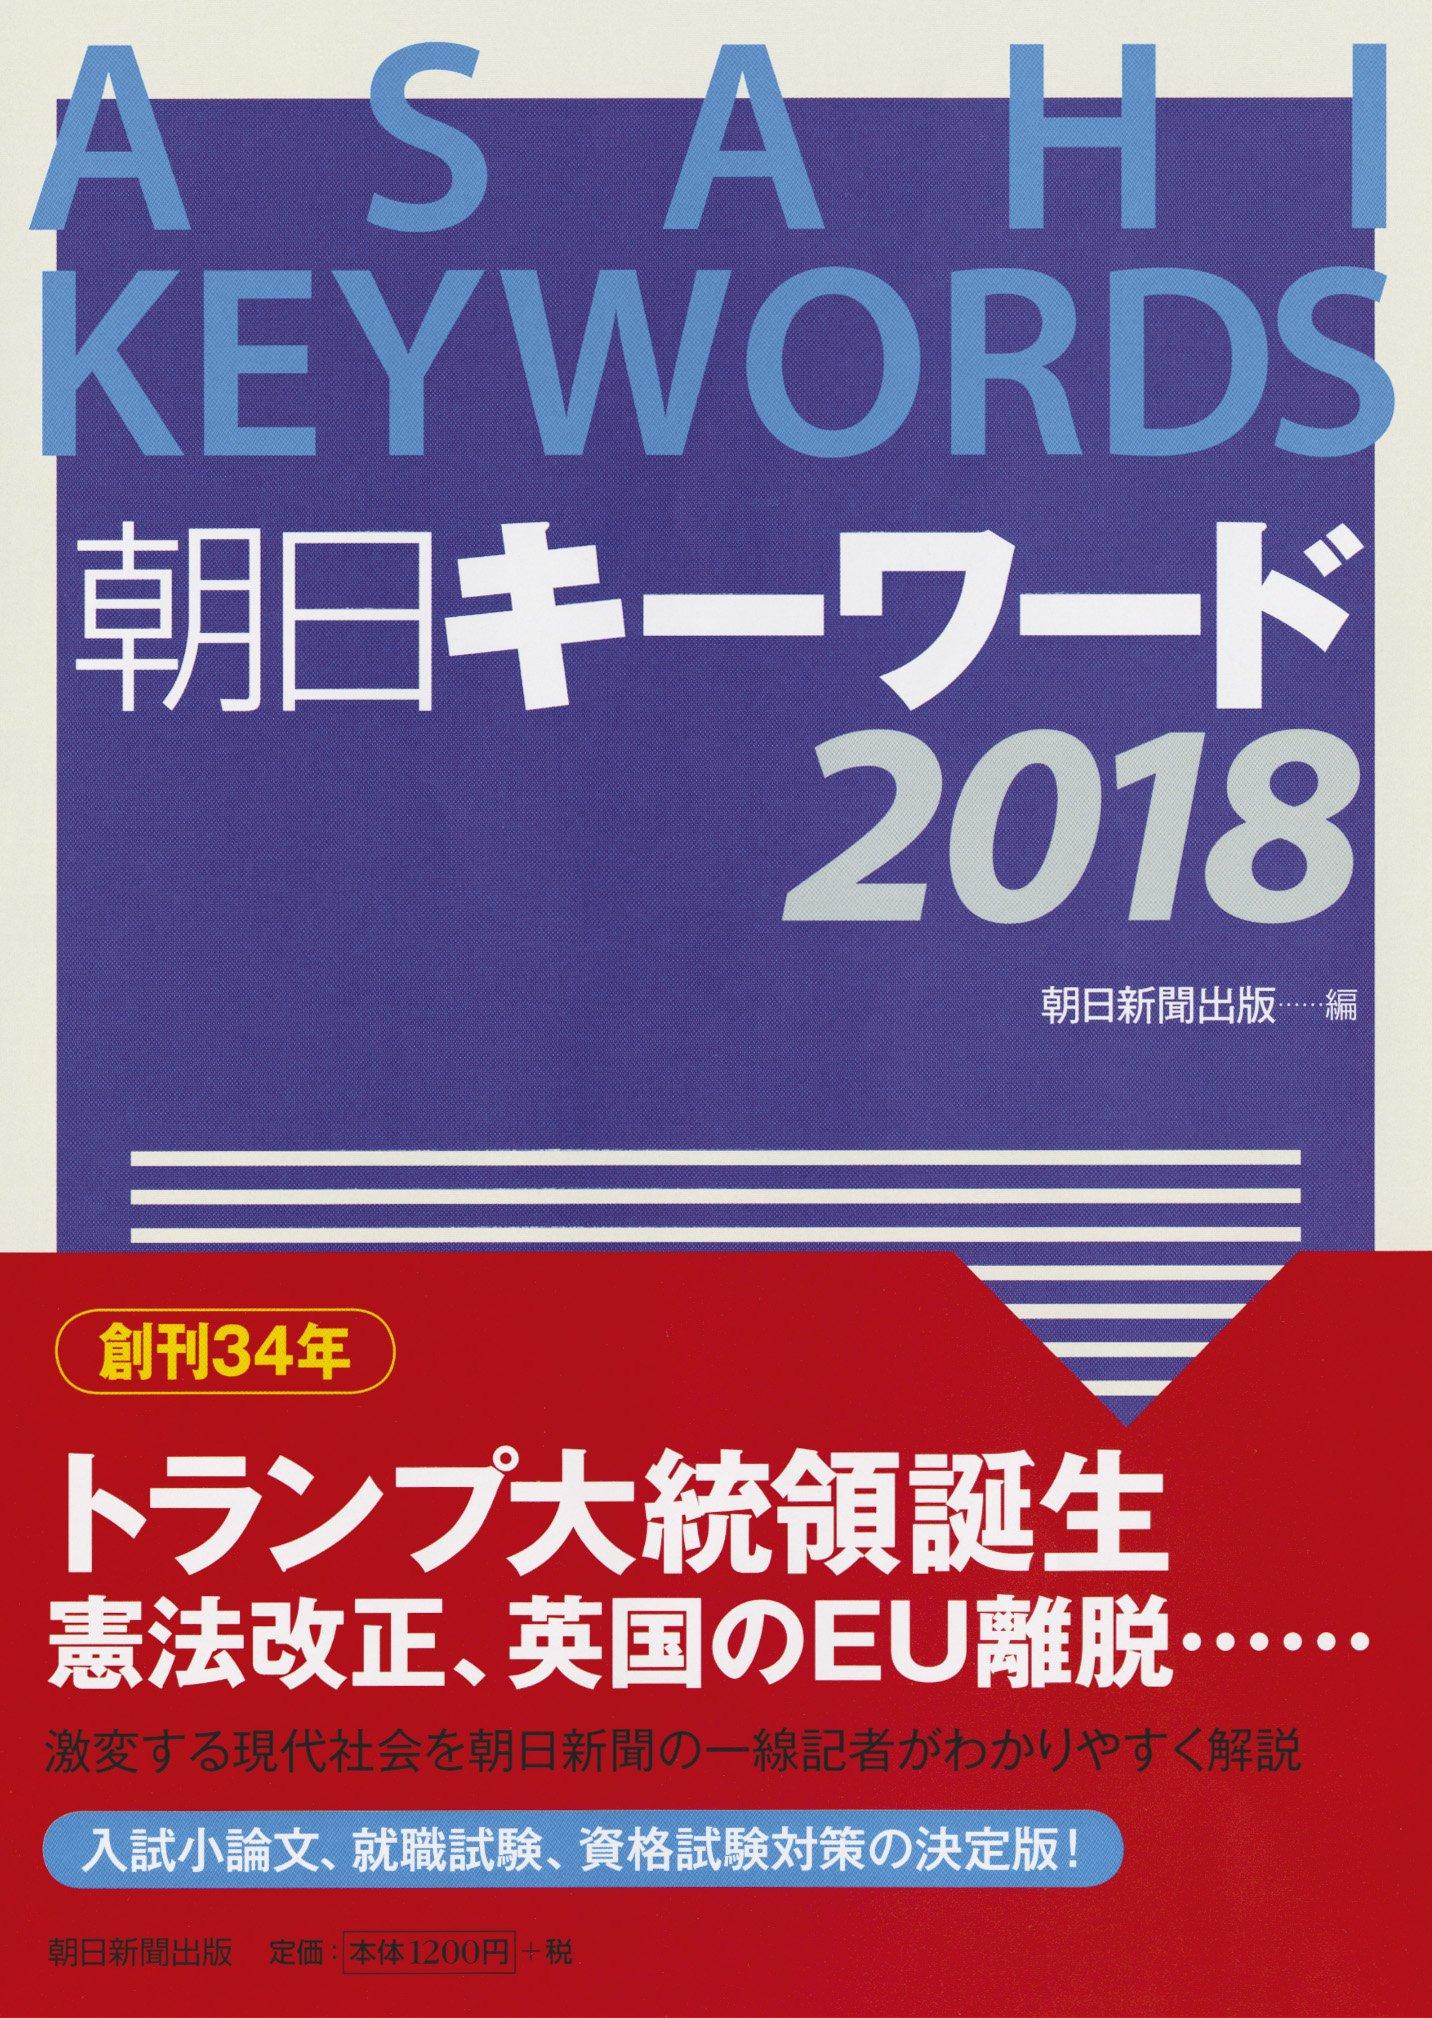 朝日キーワード2018 | 朝日新聞...